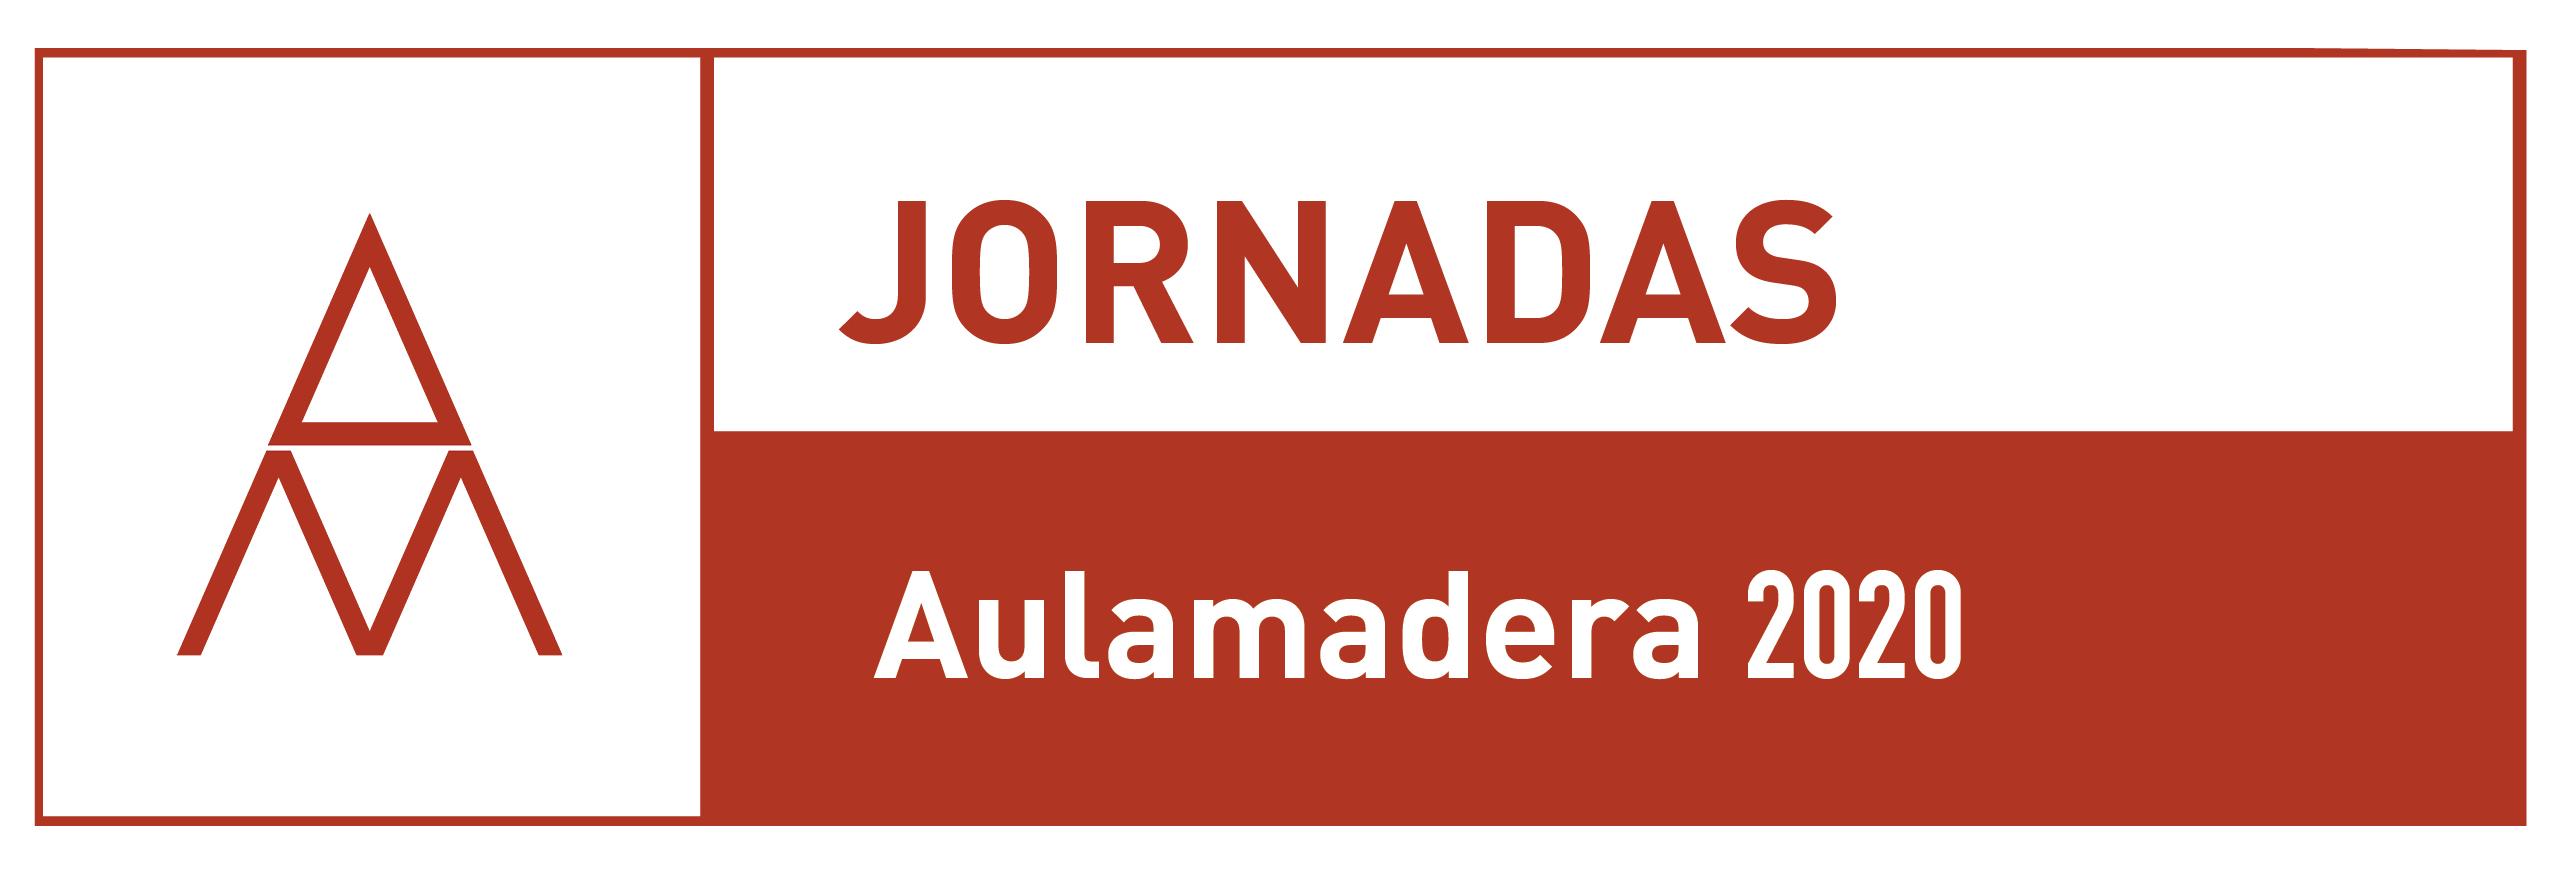 Aula Madera